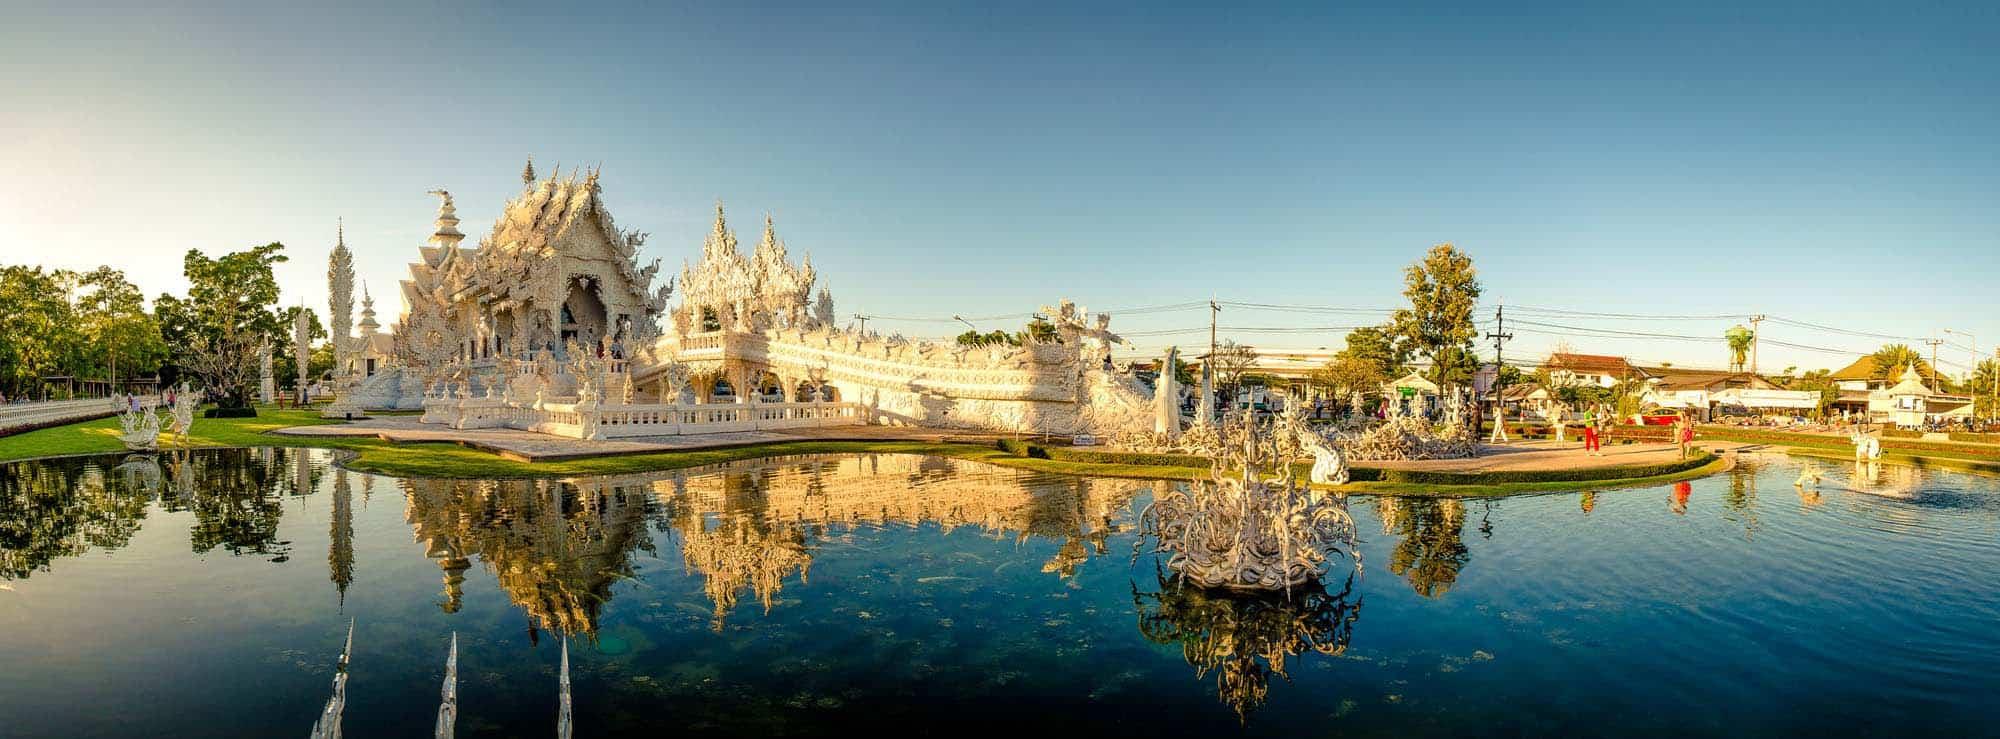 Chiang Mai to Chiang Rai